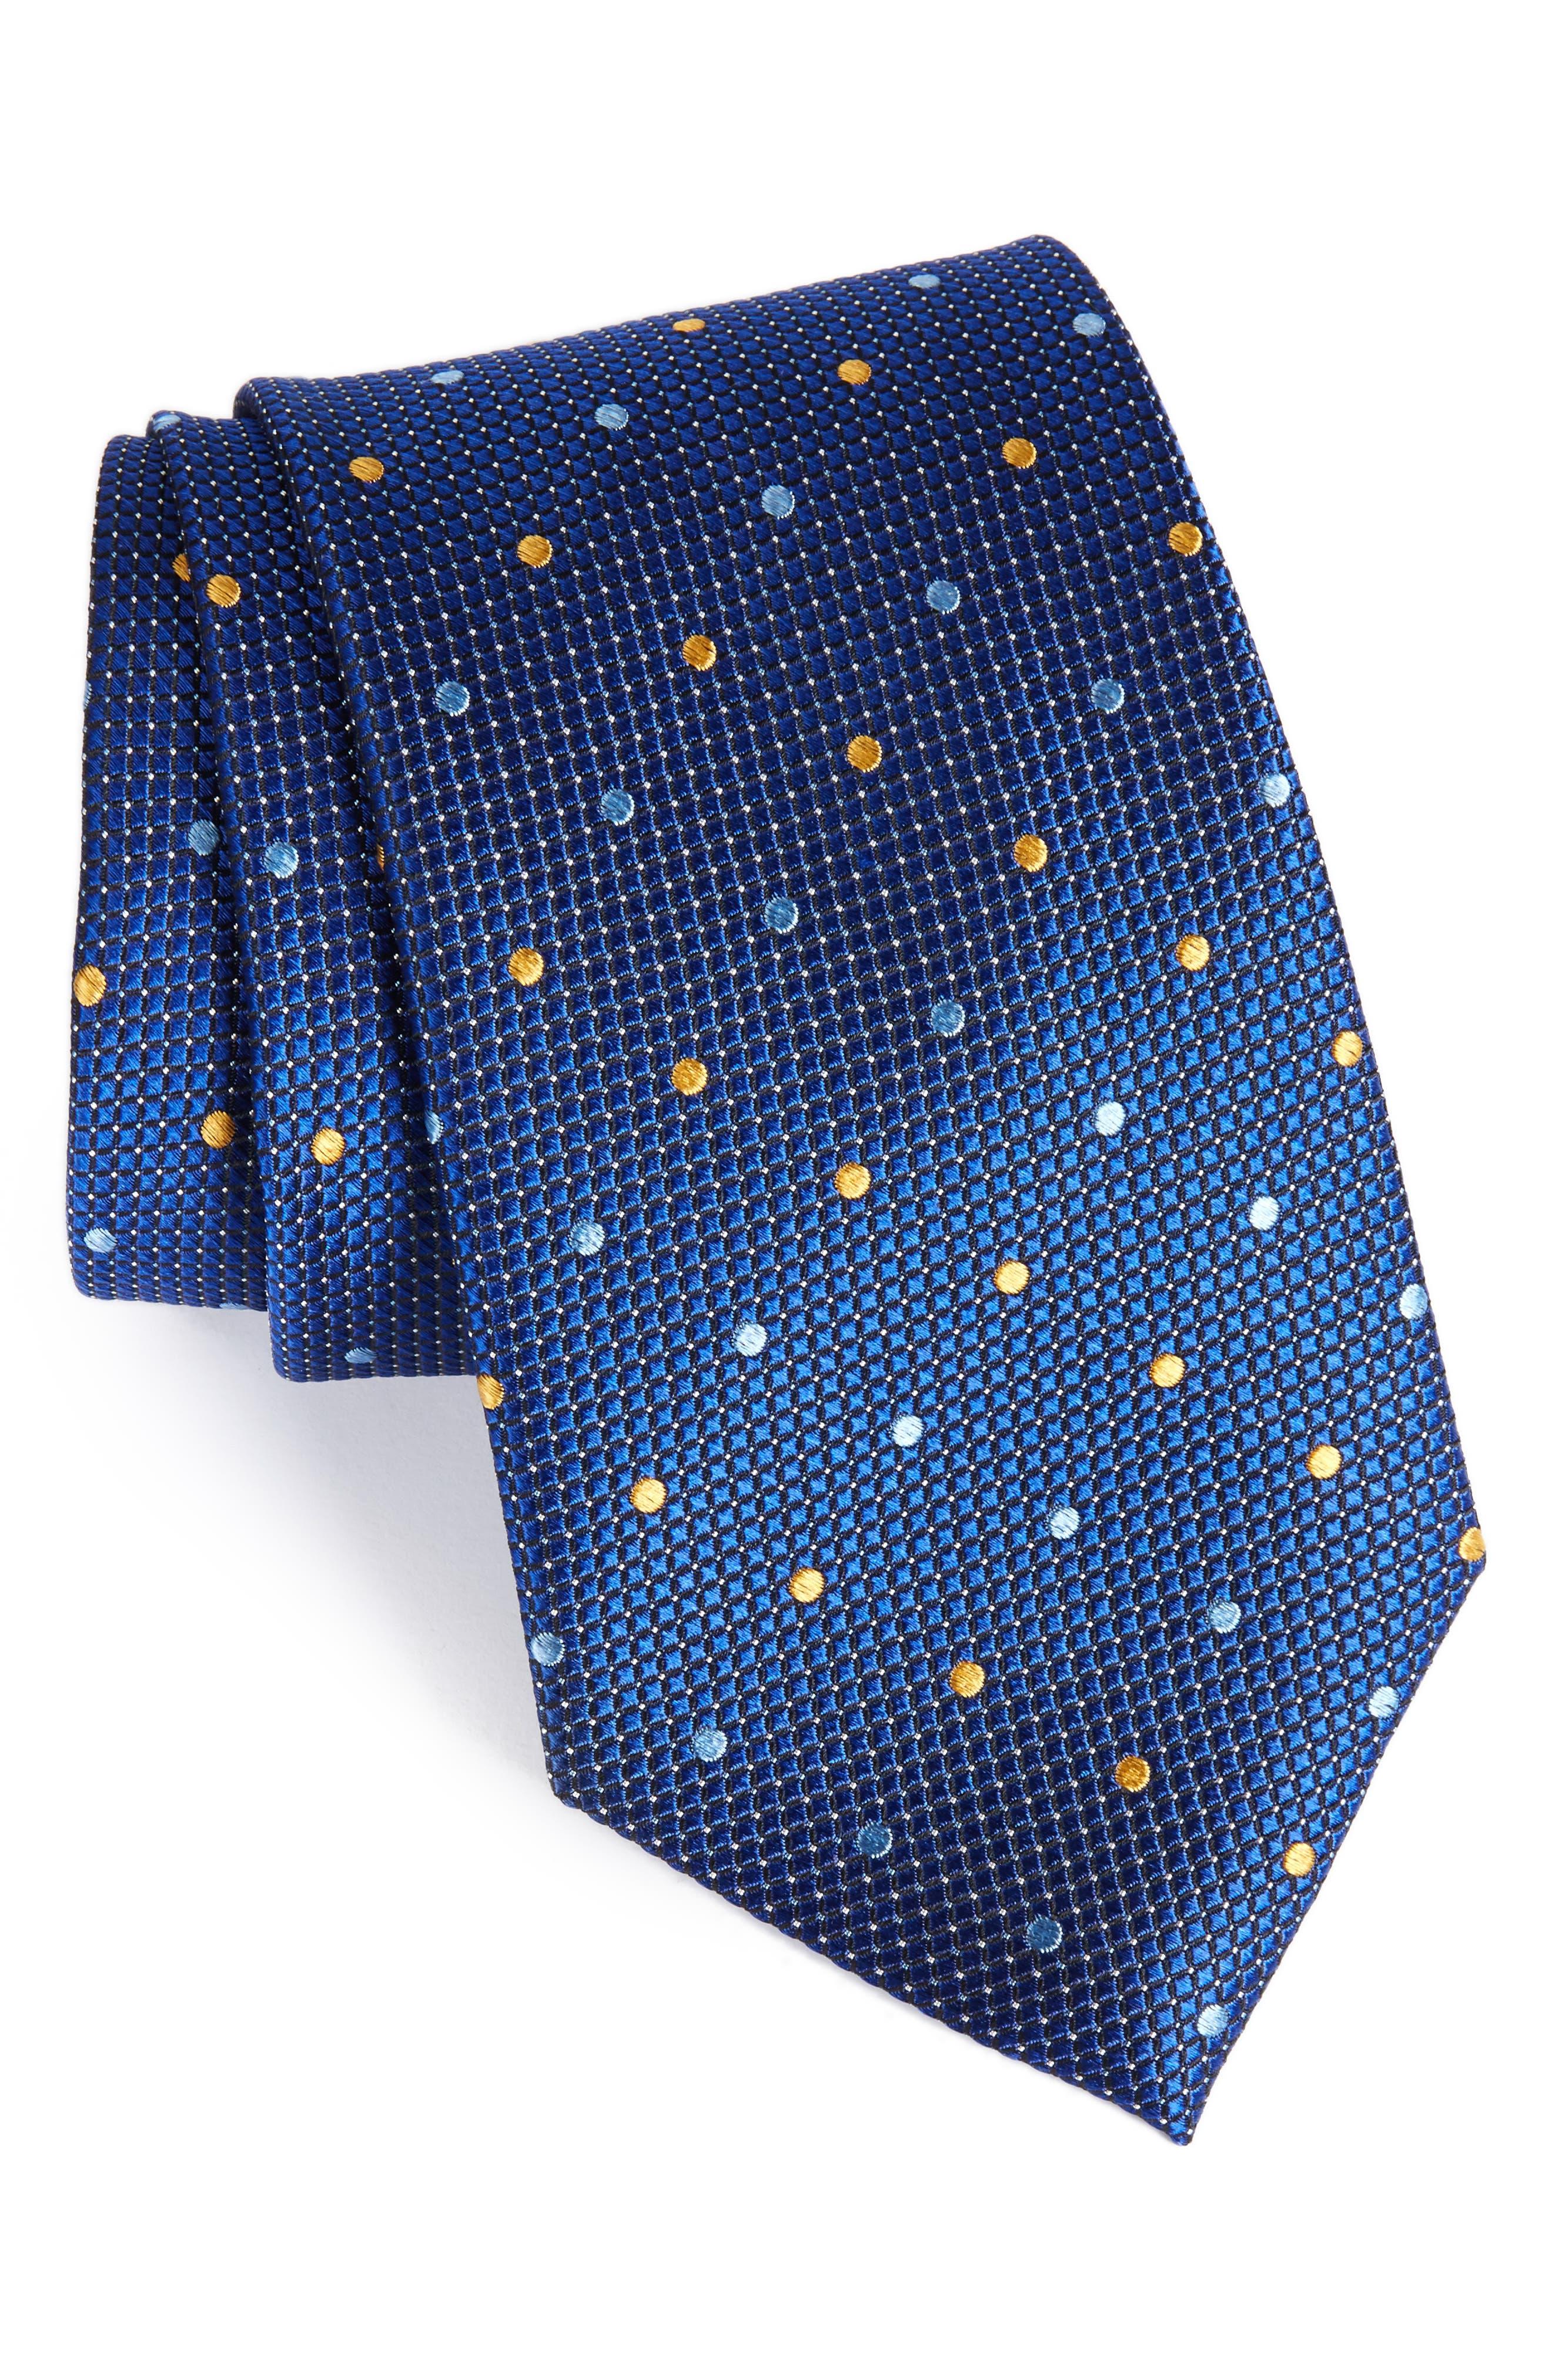 Graphic Dots Silk Tie,                         Main,                         color, Navy